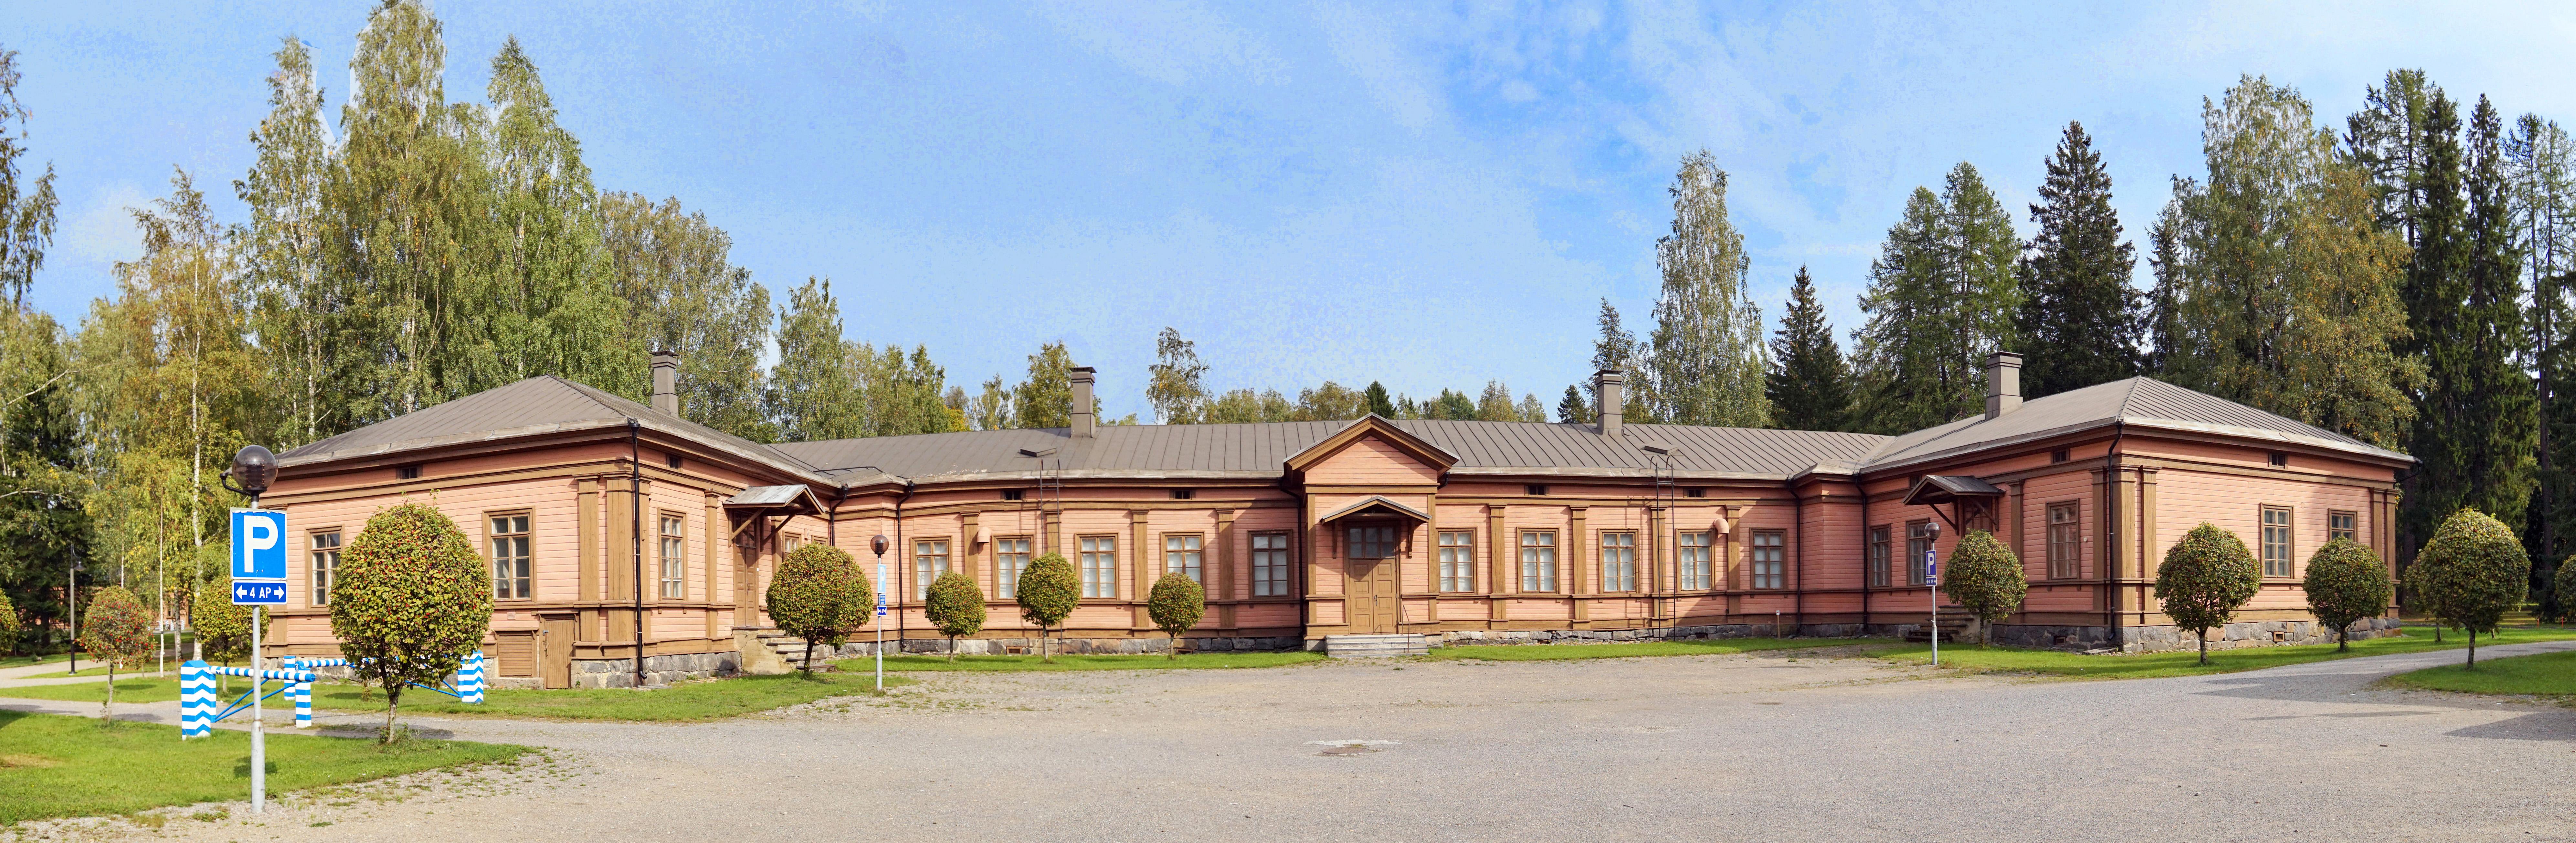 Mikkeli old barracks.jpg